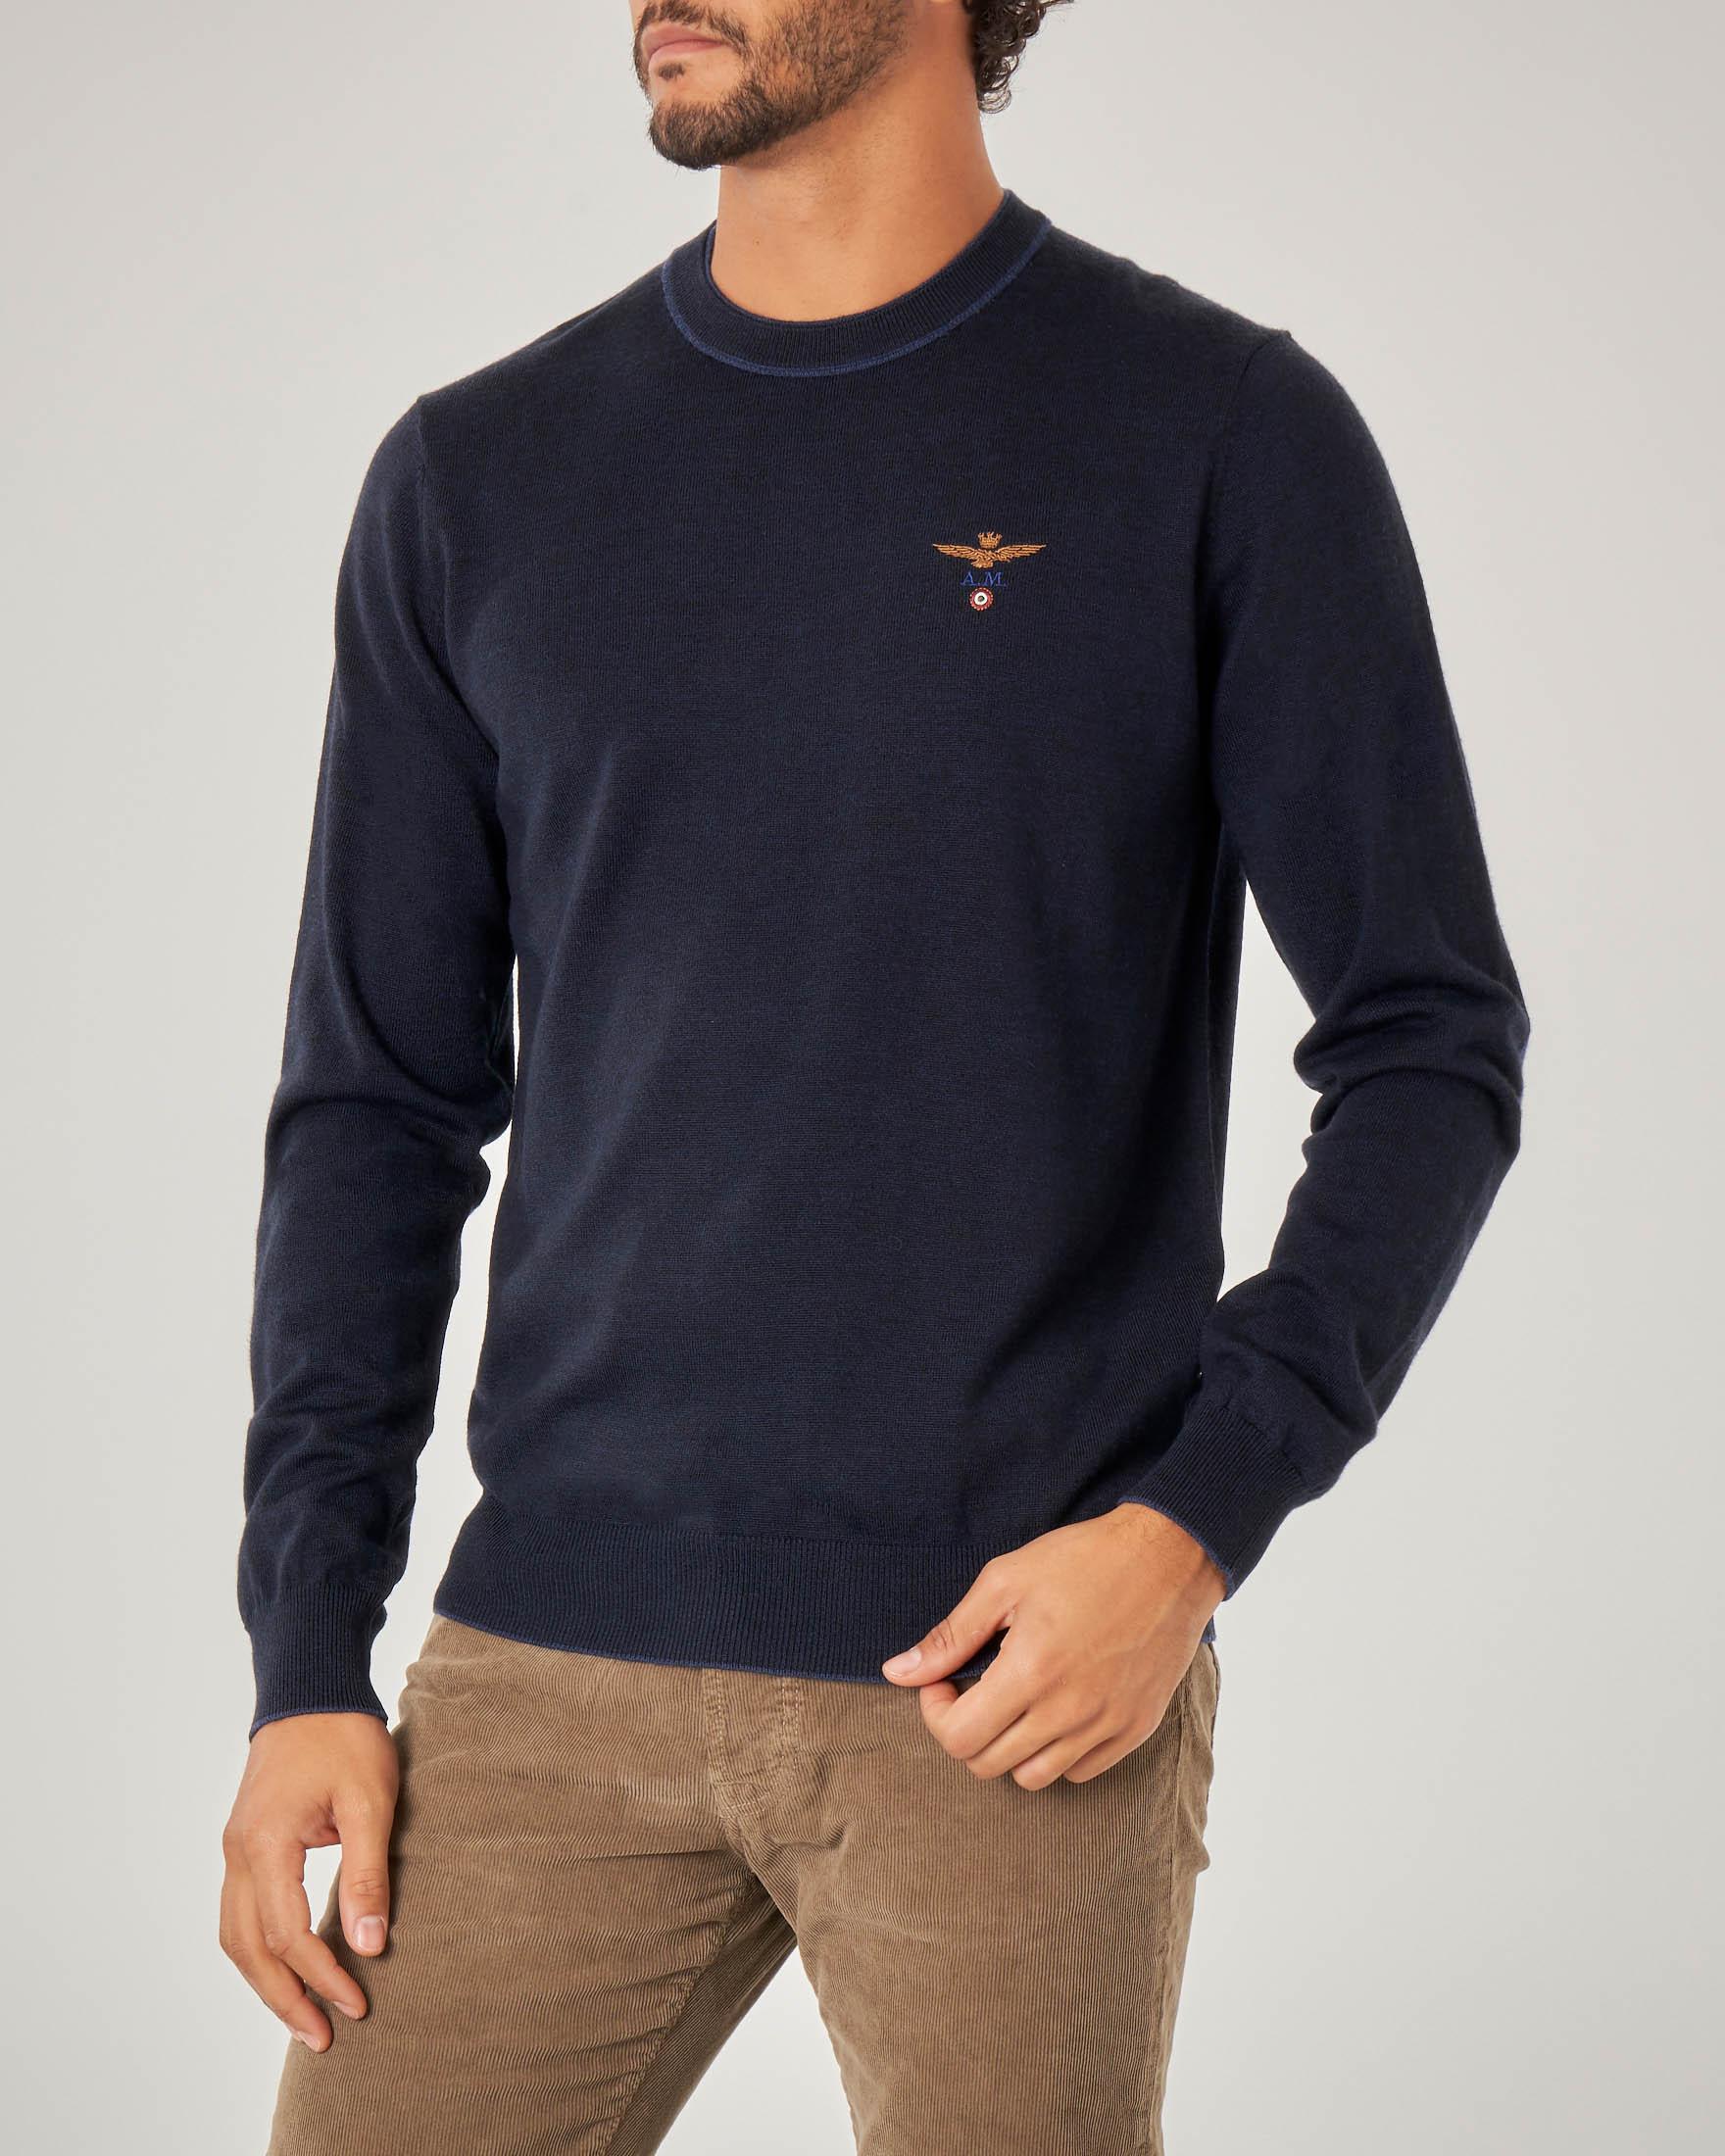 Maglia blu girocollo in lana con toppa in contrasto